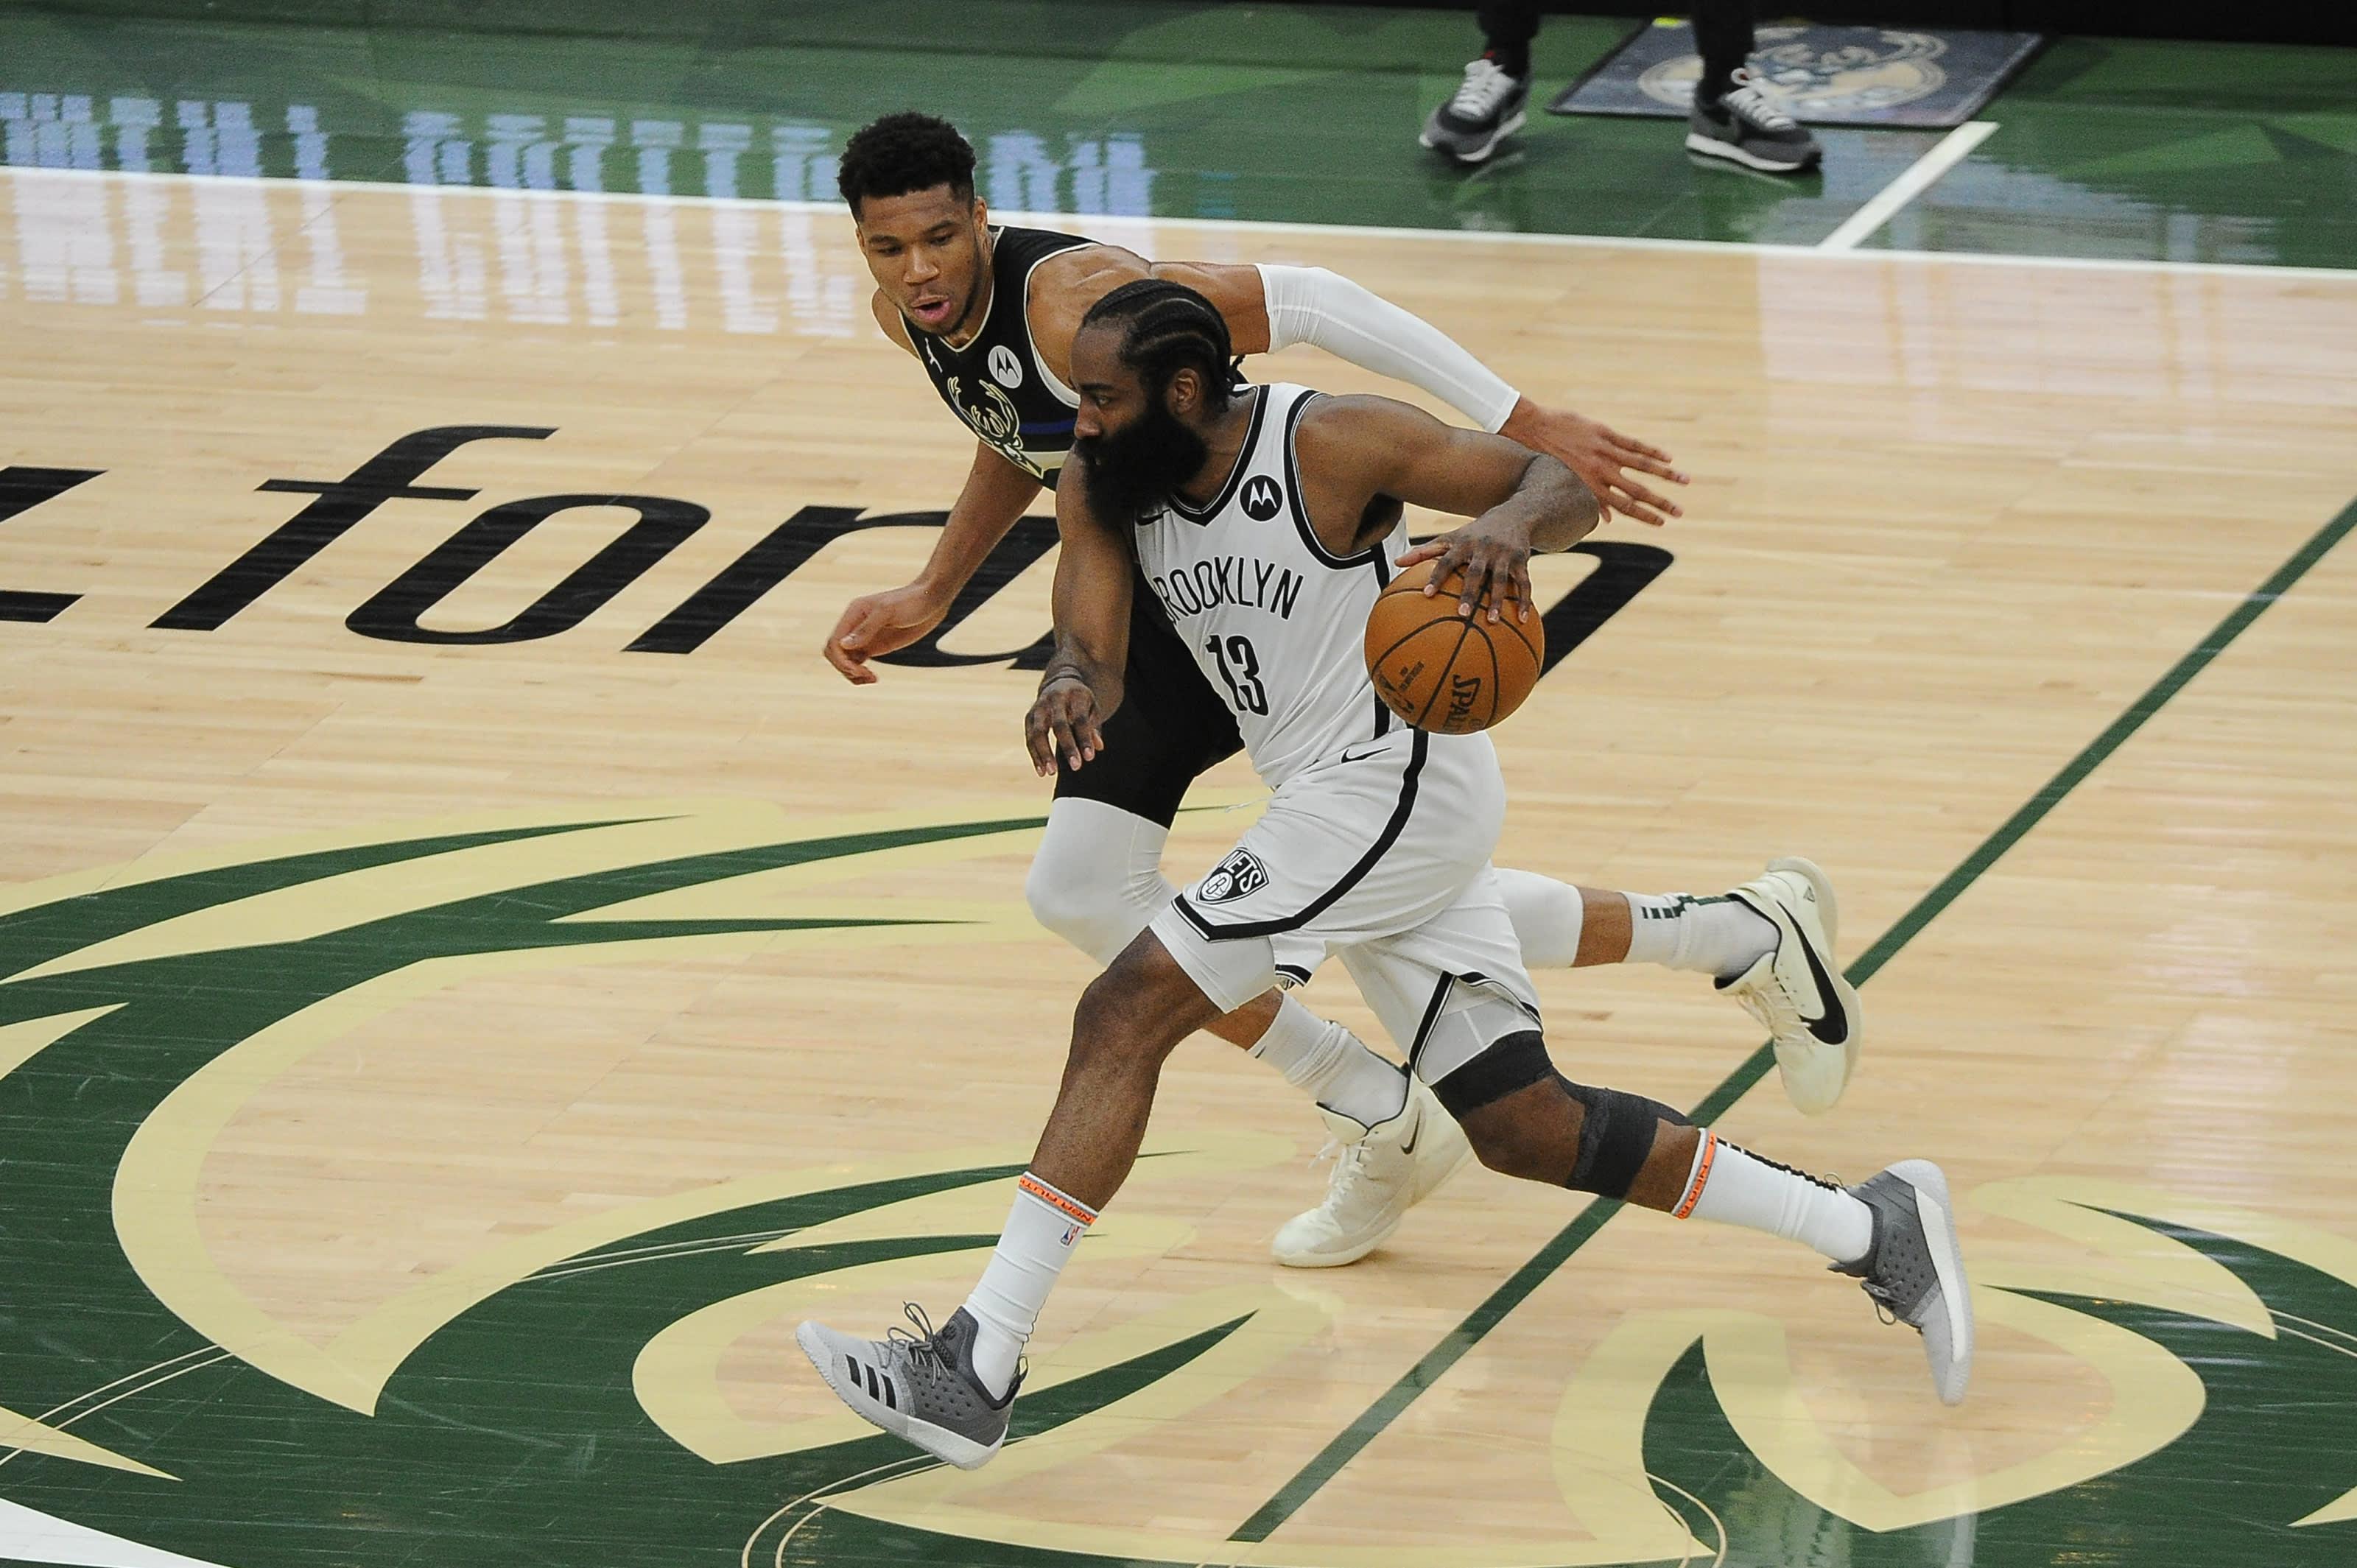 Milwaukee Bucks: Giannis Antetokounmpo, Brooklyn Nets: James Harden